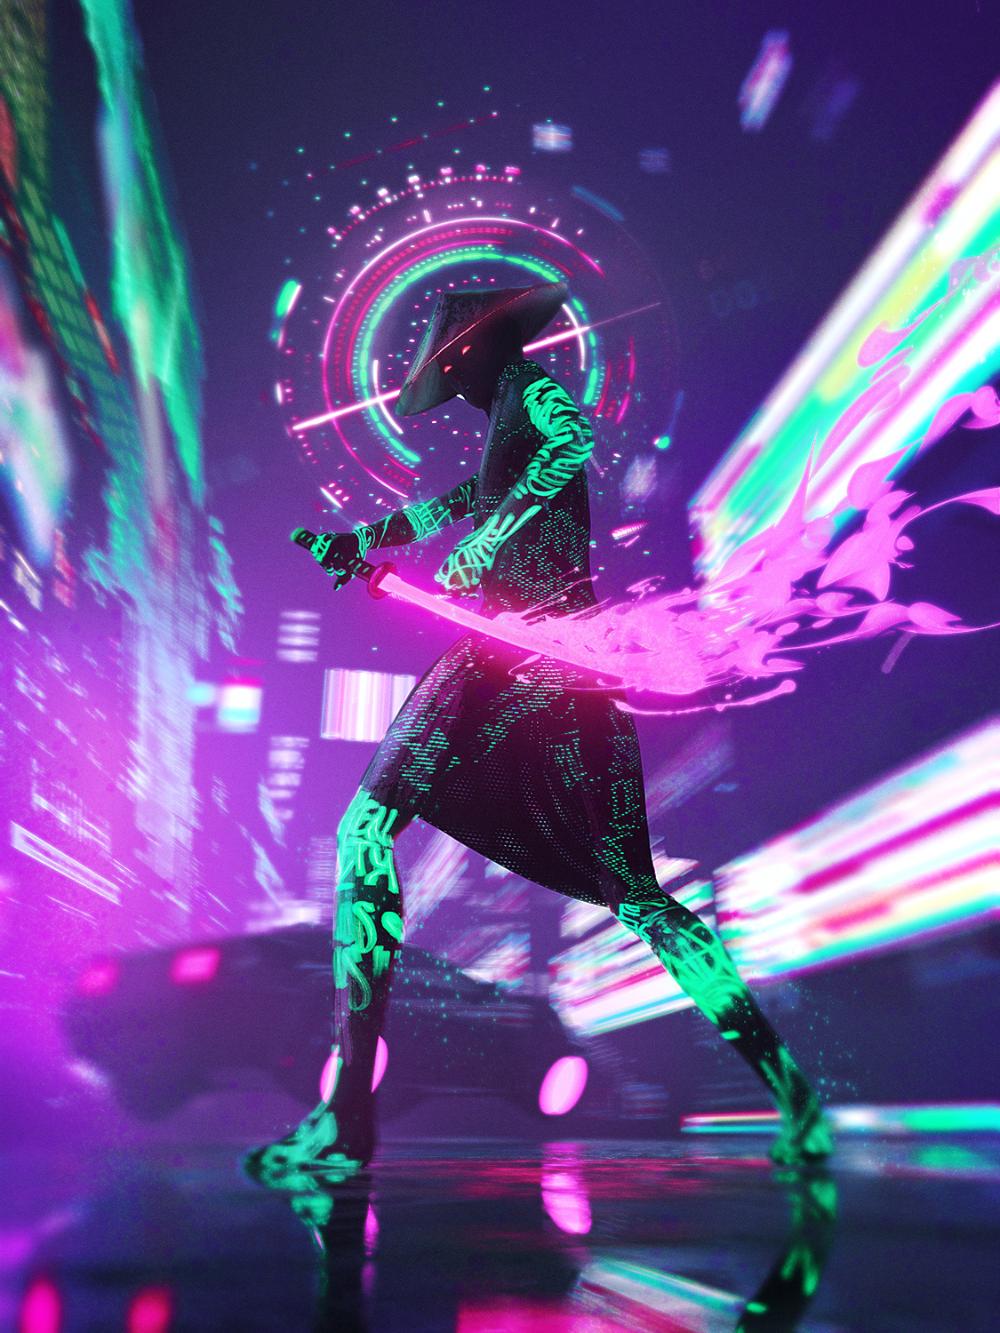 vertical, neon, cyberpunk, futuristic, samurai,